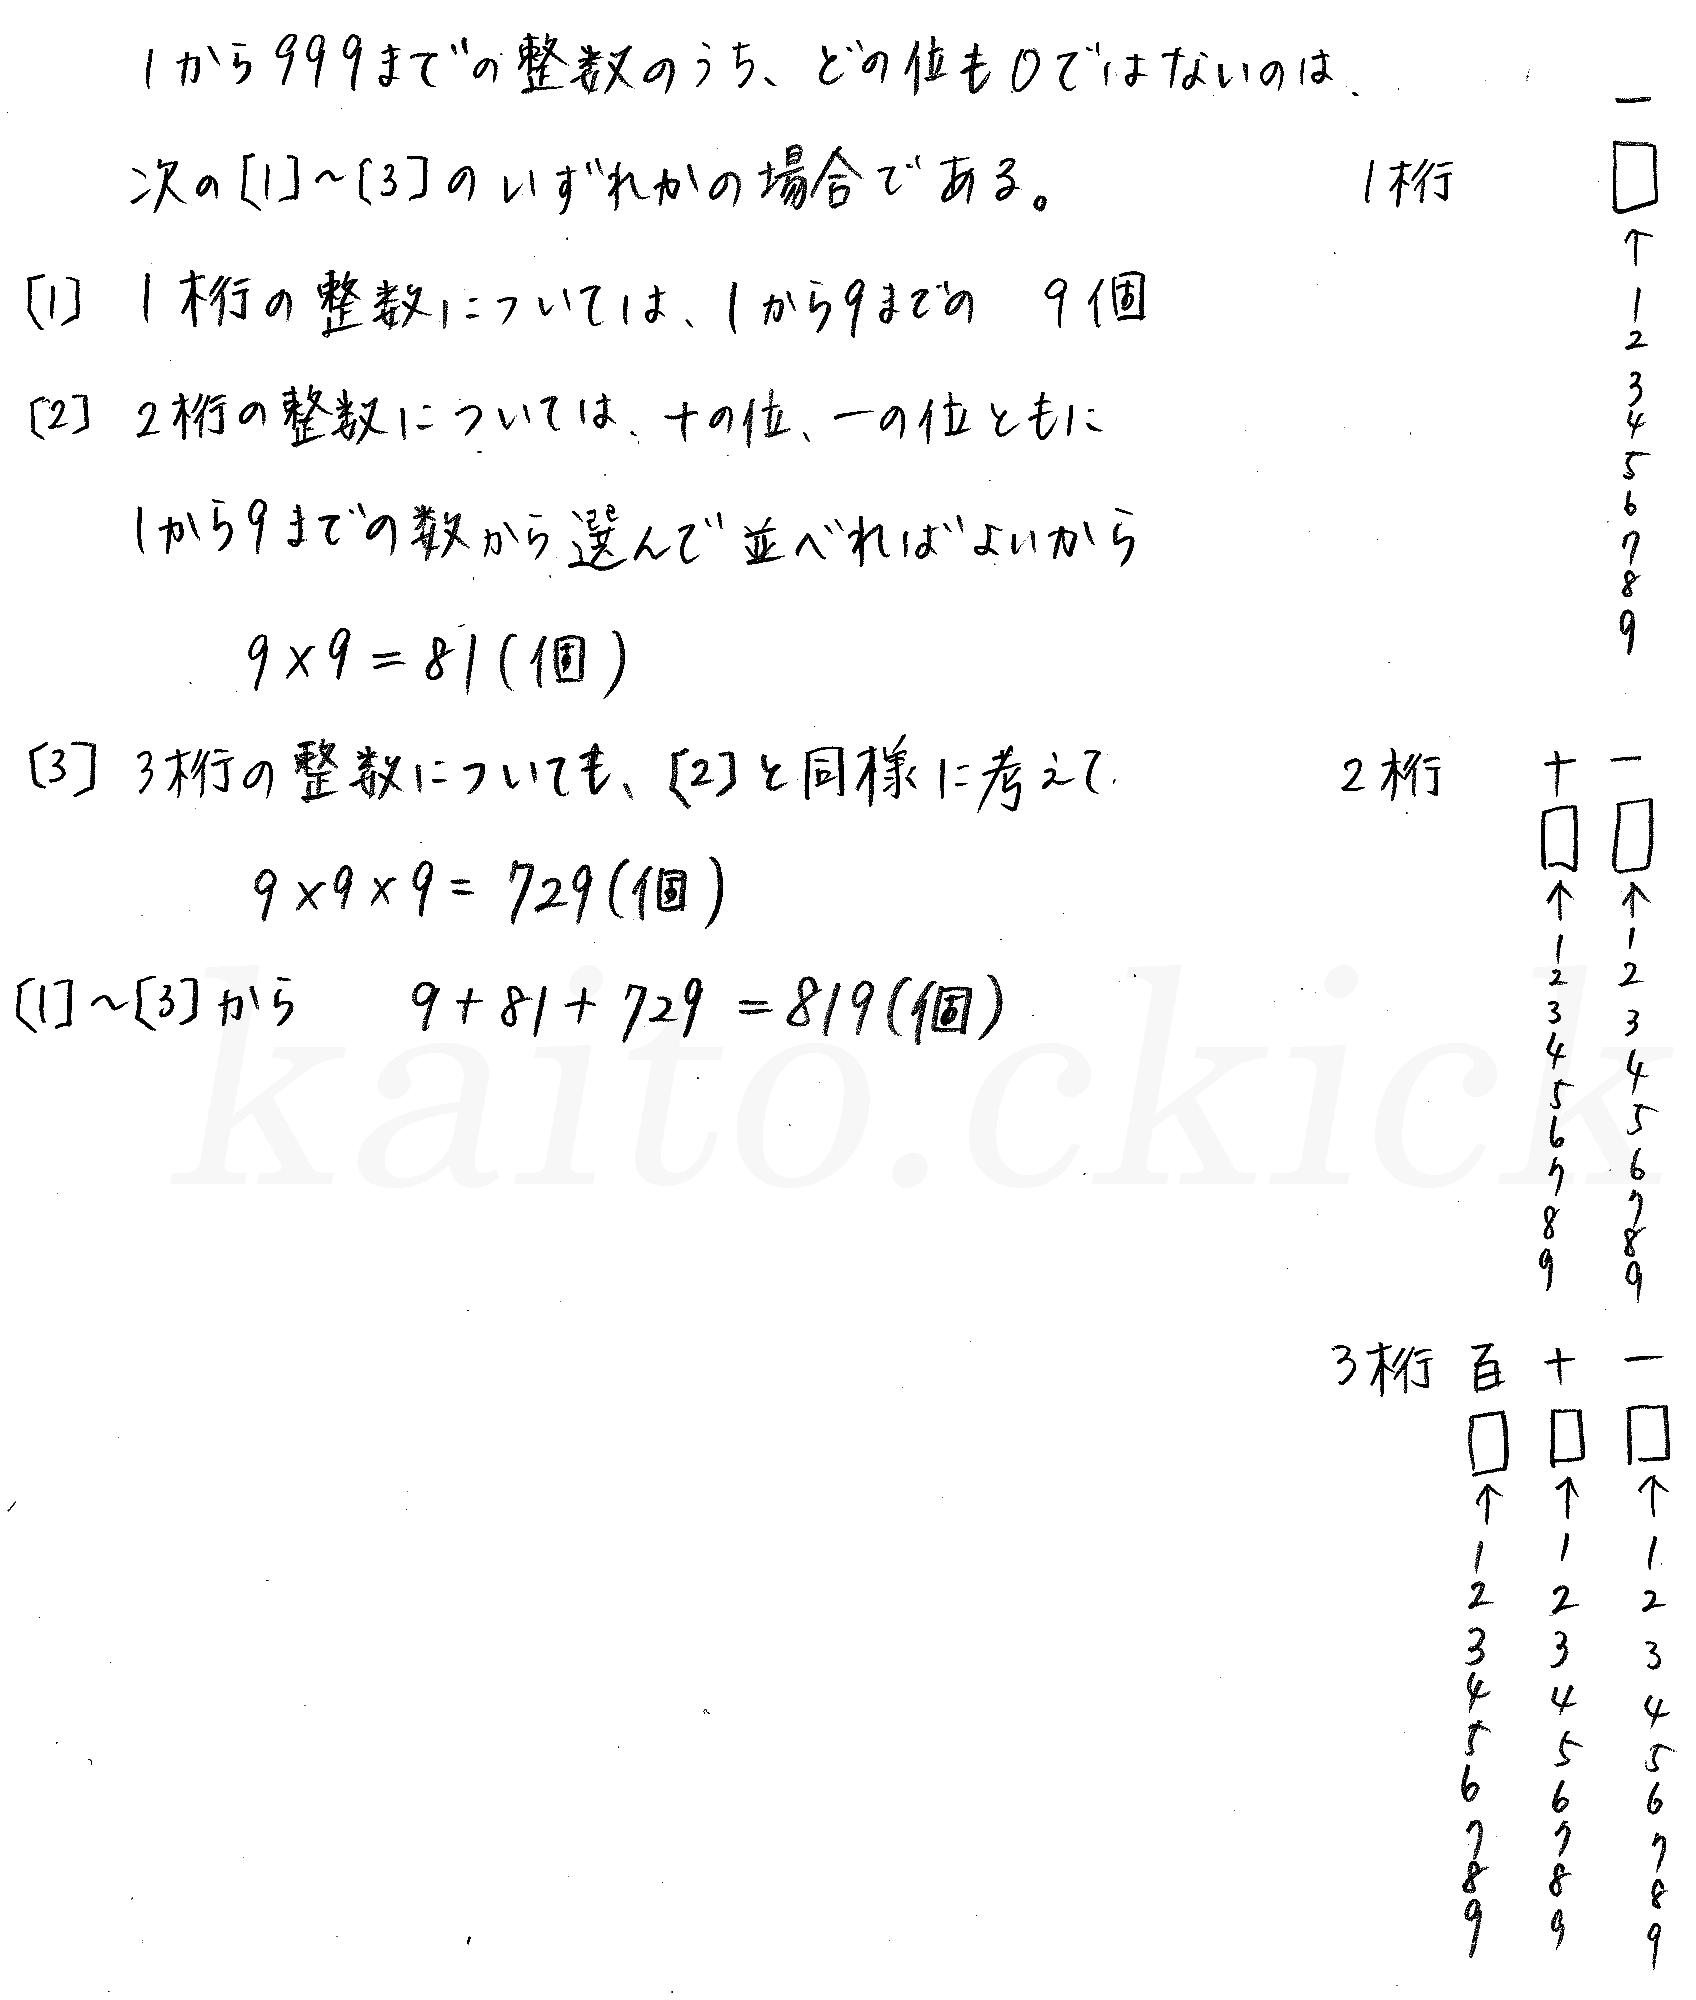 クリアー数学A-36解答